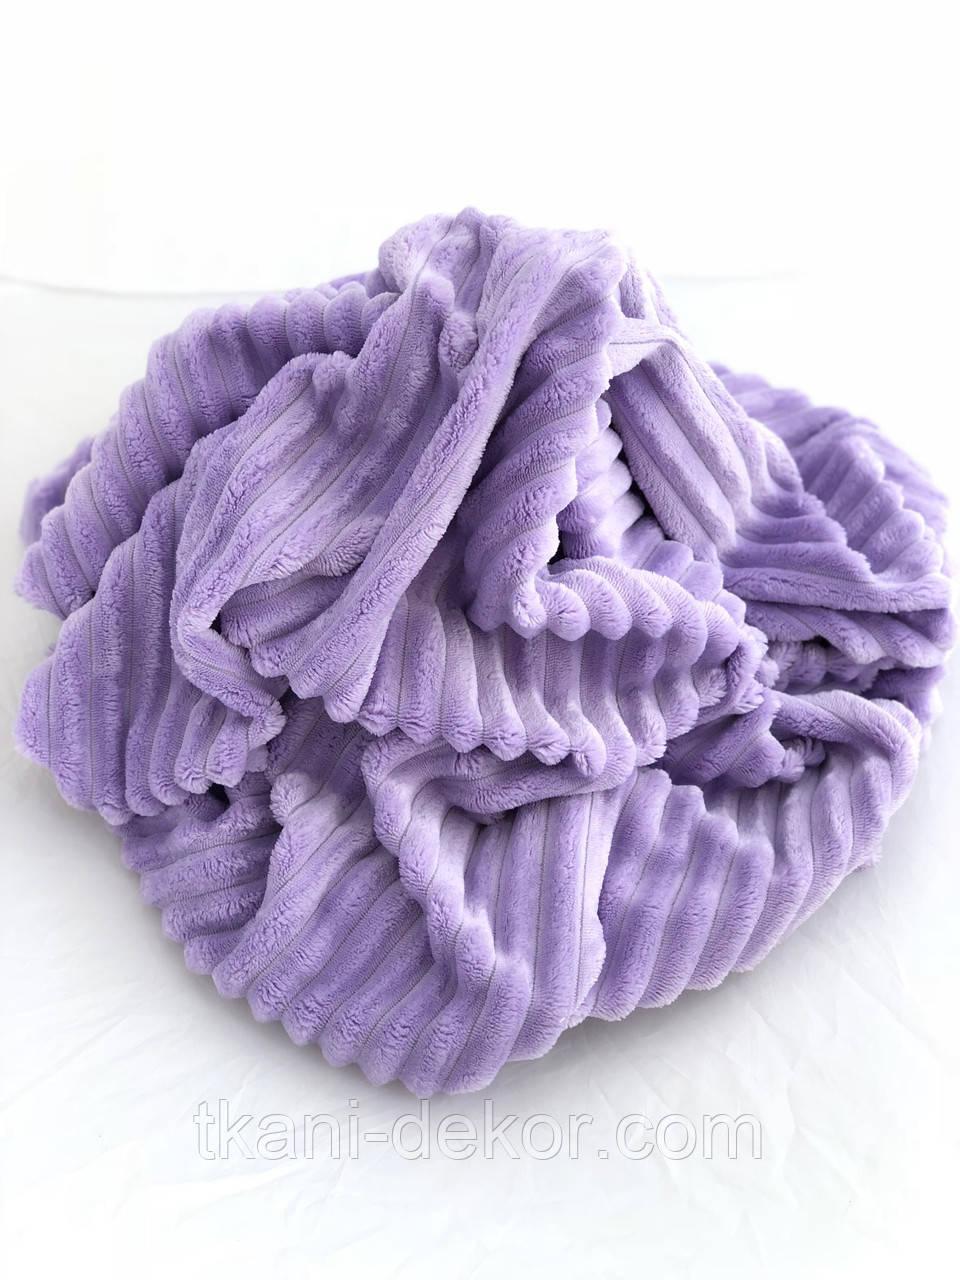 Тканина плюшева Minky Stripes бузковий (шарпей)